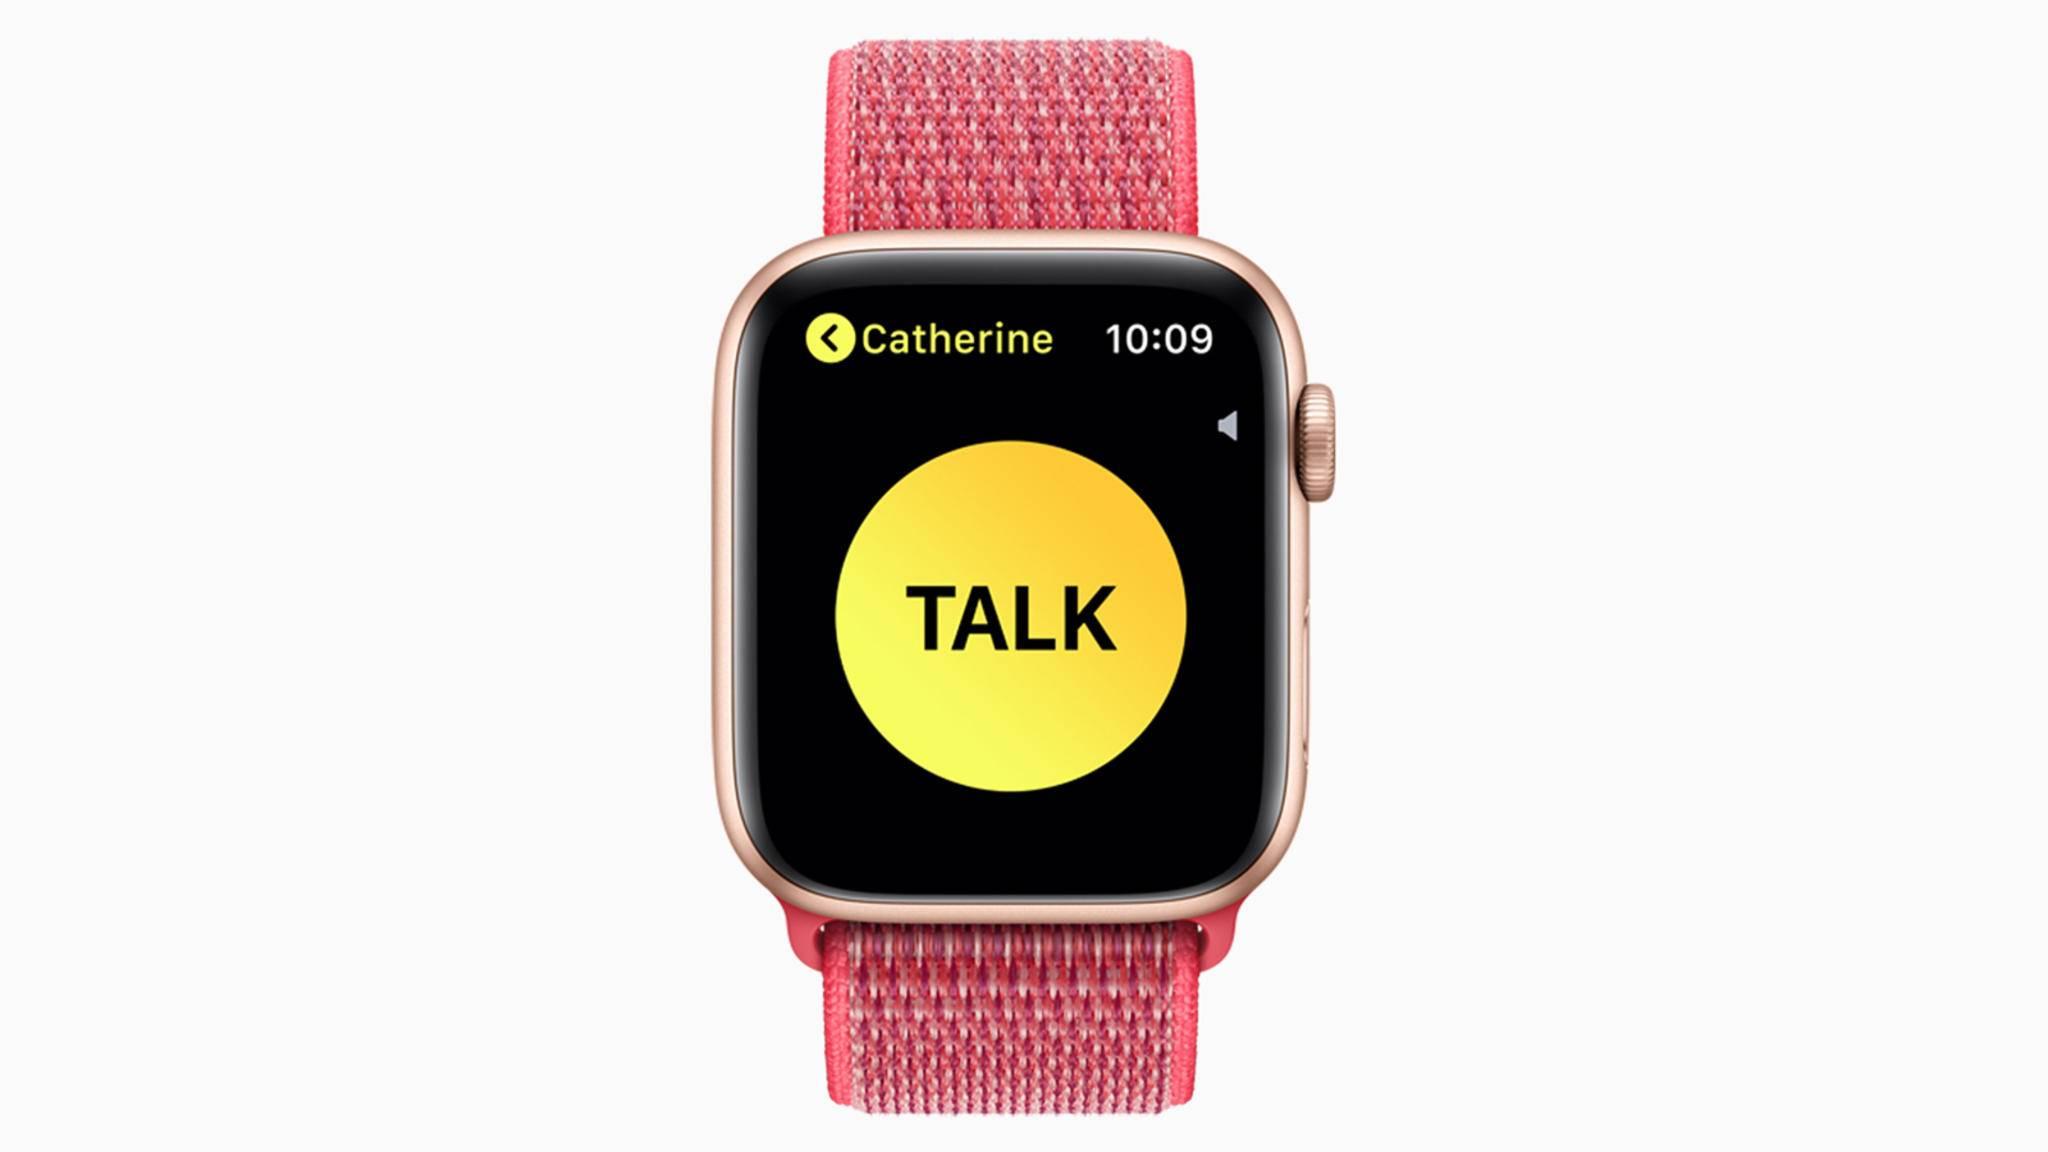 Mit der Apple Watch kannst Du Gespräche über ein Walkie-Talkie führen.